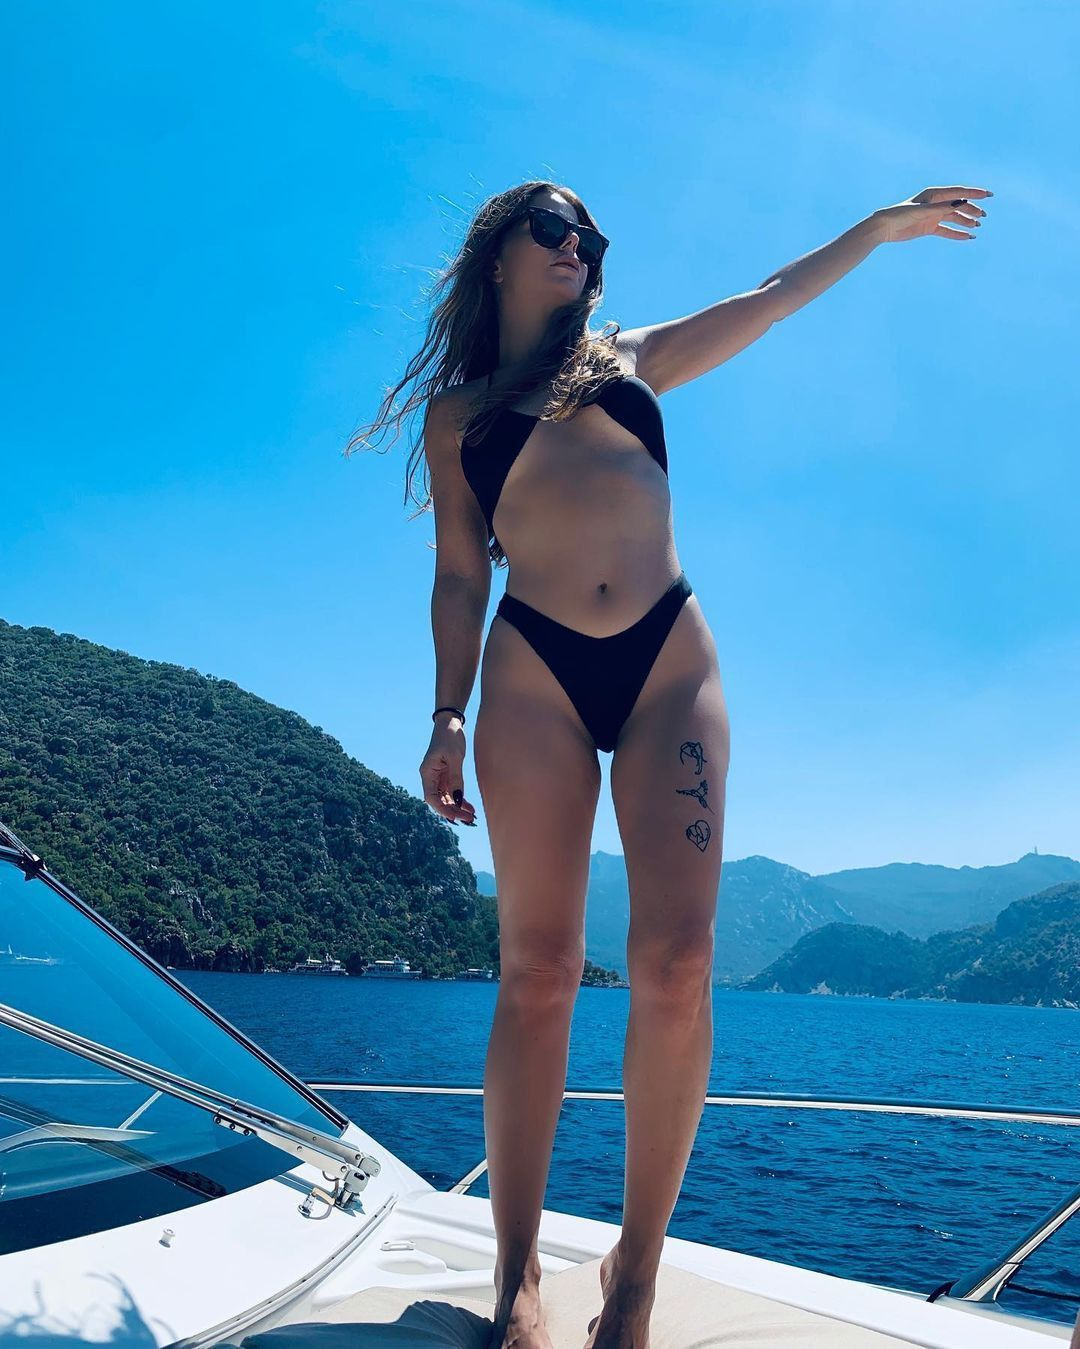 Miş Miş, Öpücam, As Bayrakları gibi hit şarkılar yapan Simge Sağın'ın tekneden paylaştığı fotoğrafları beğeni rekoru kırdı. - Sayfa:1